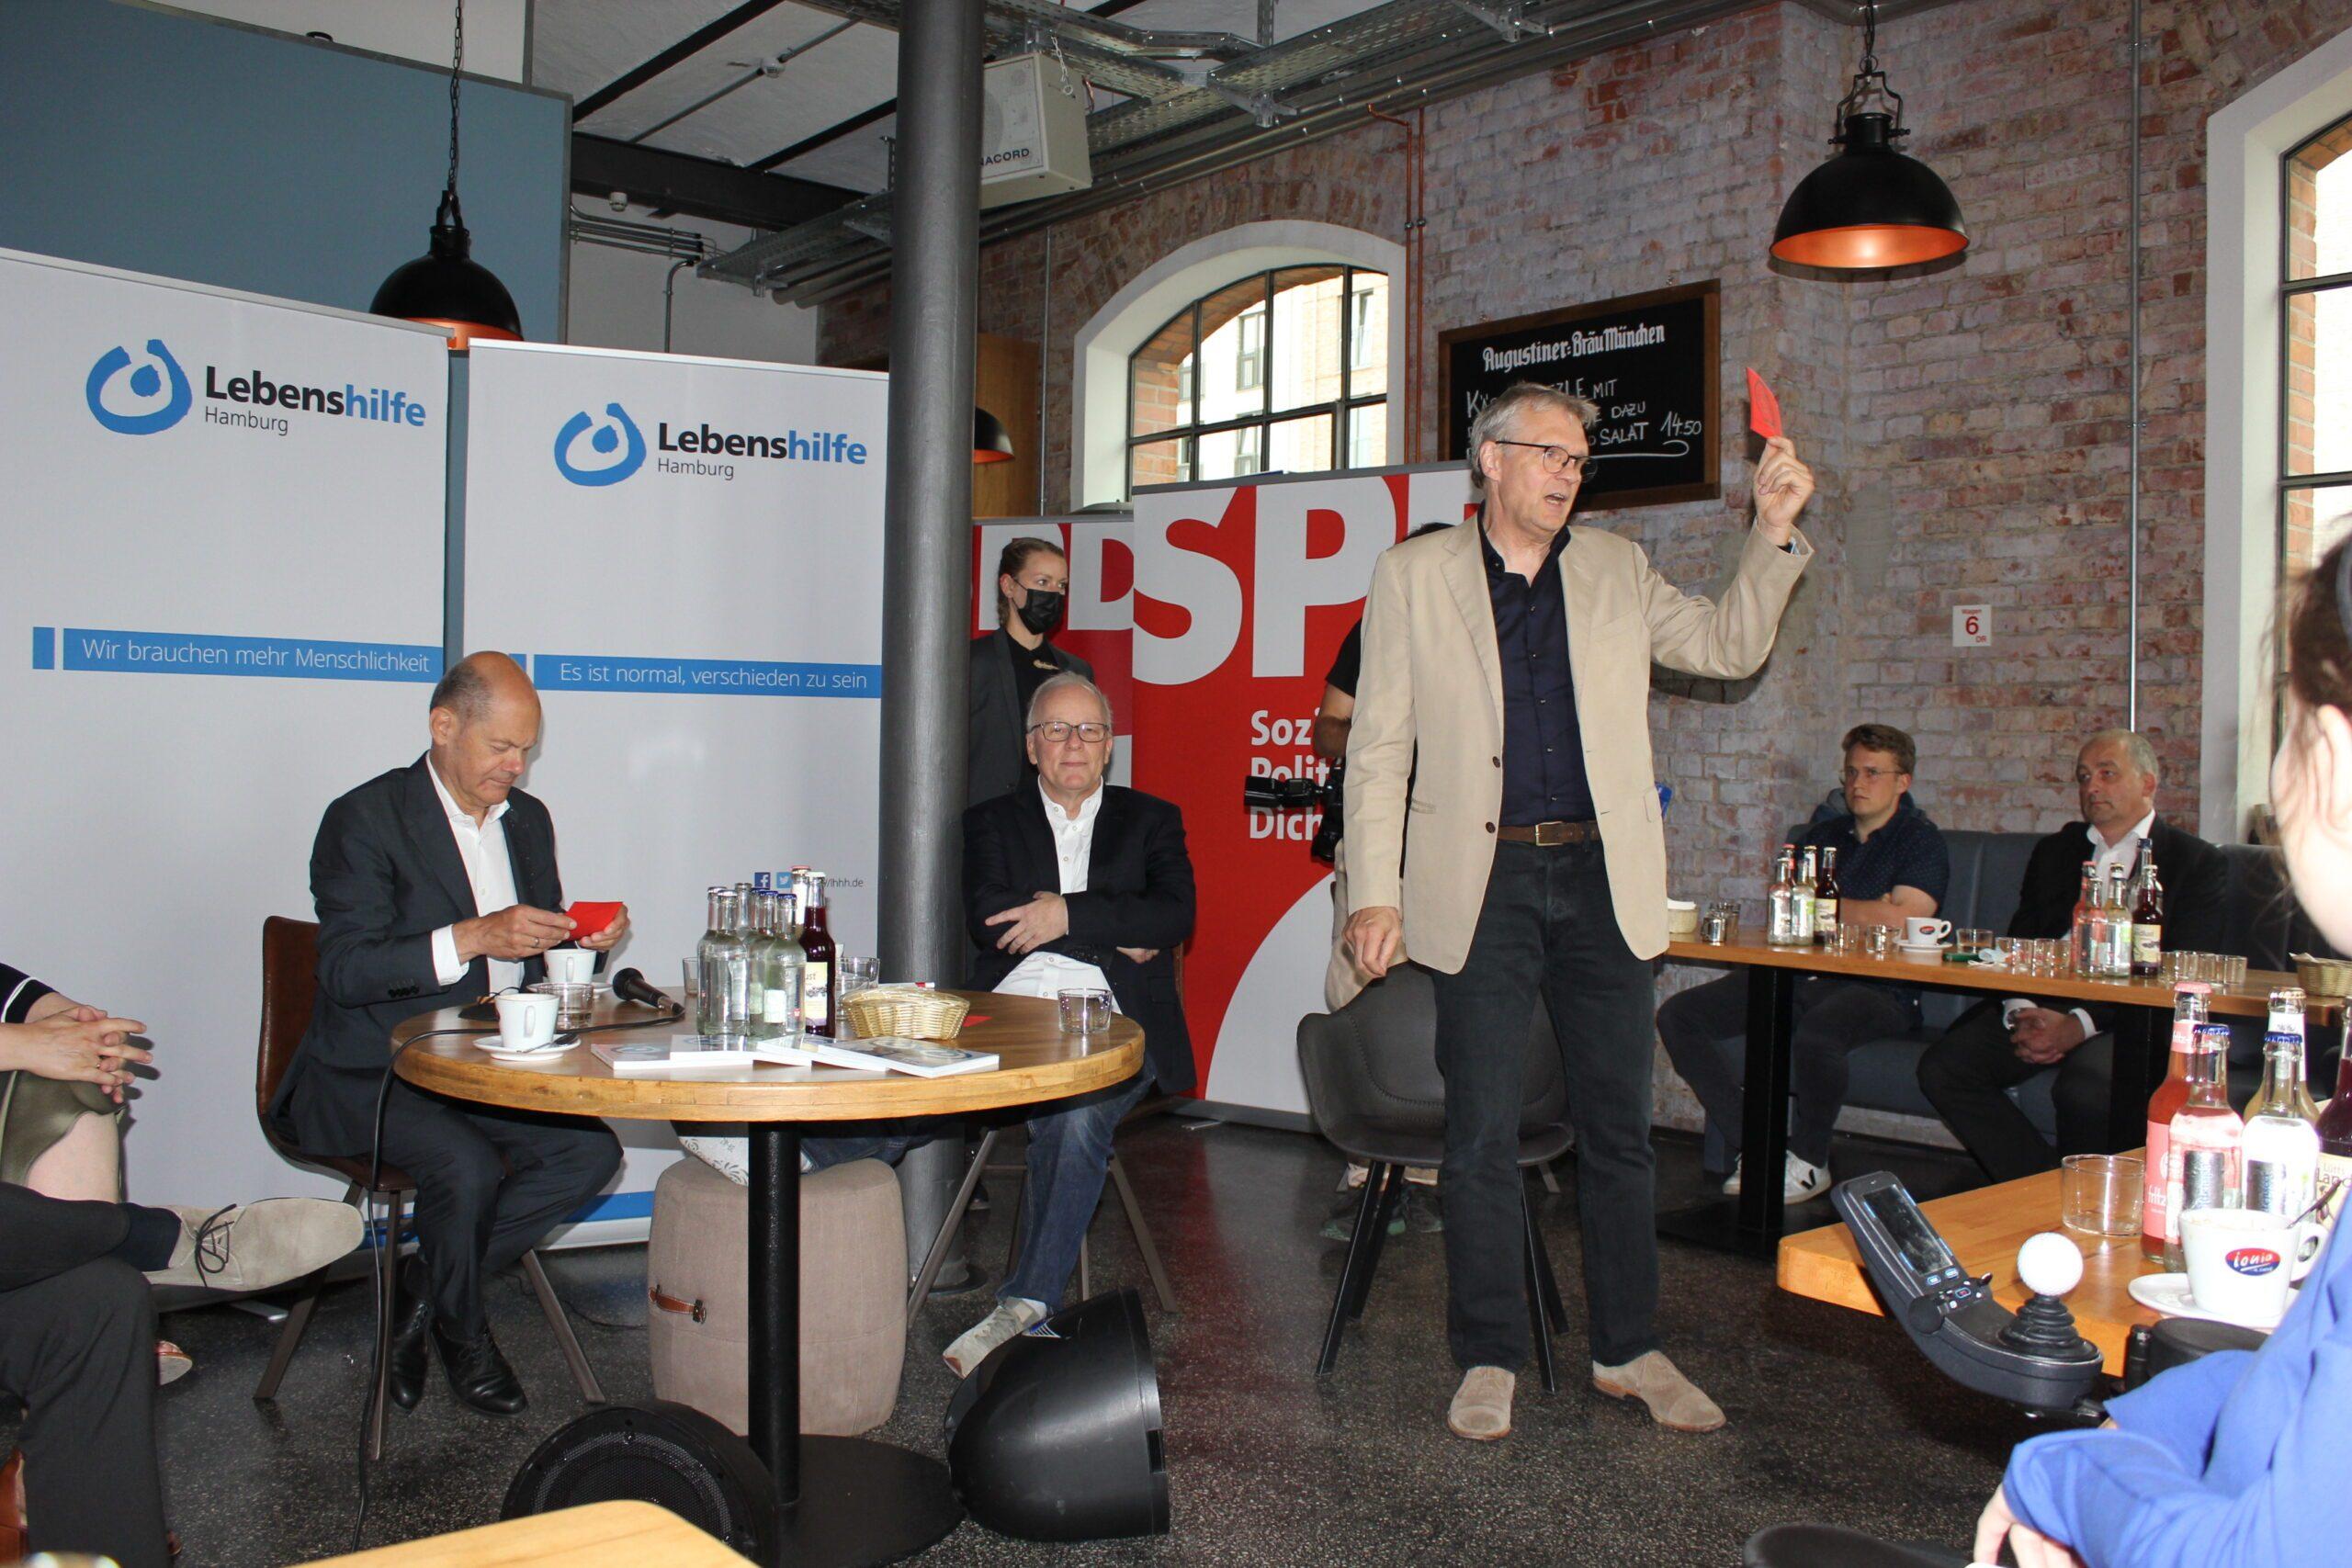 Olaf Scholz und Matthias Bartke sitzen am Tisch. Axel Graßmann steht daneben und hält eine rote Karte hoch.